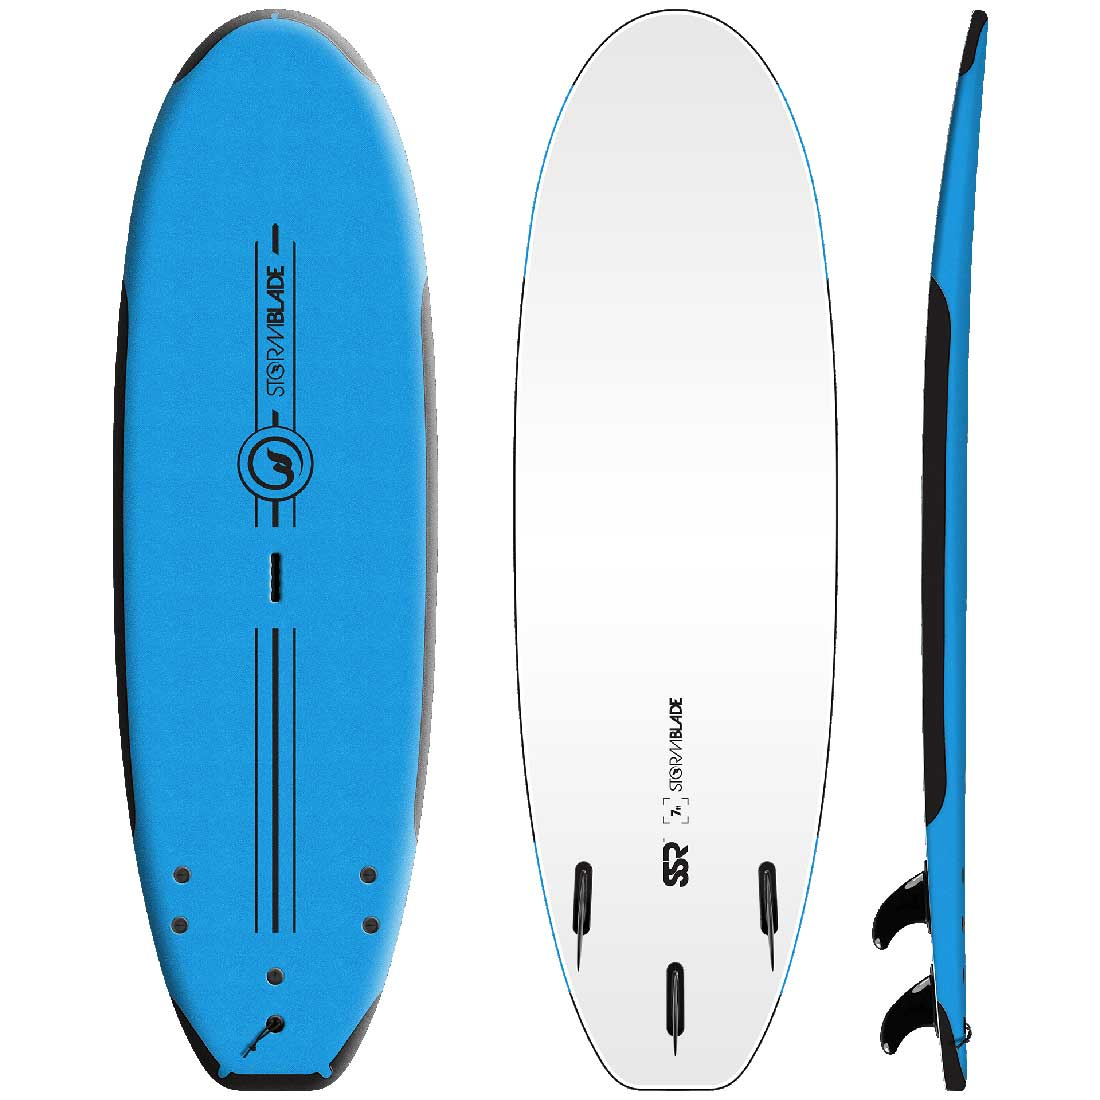 サーフボード ソフトボード STORM BLADE 7ft SSR SURFBOARDS